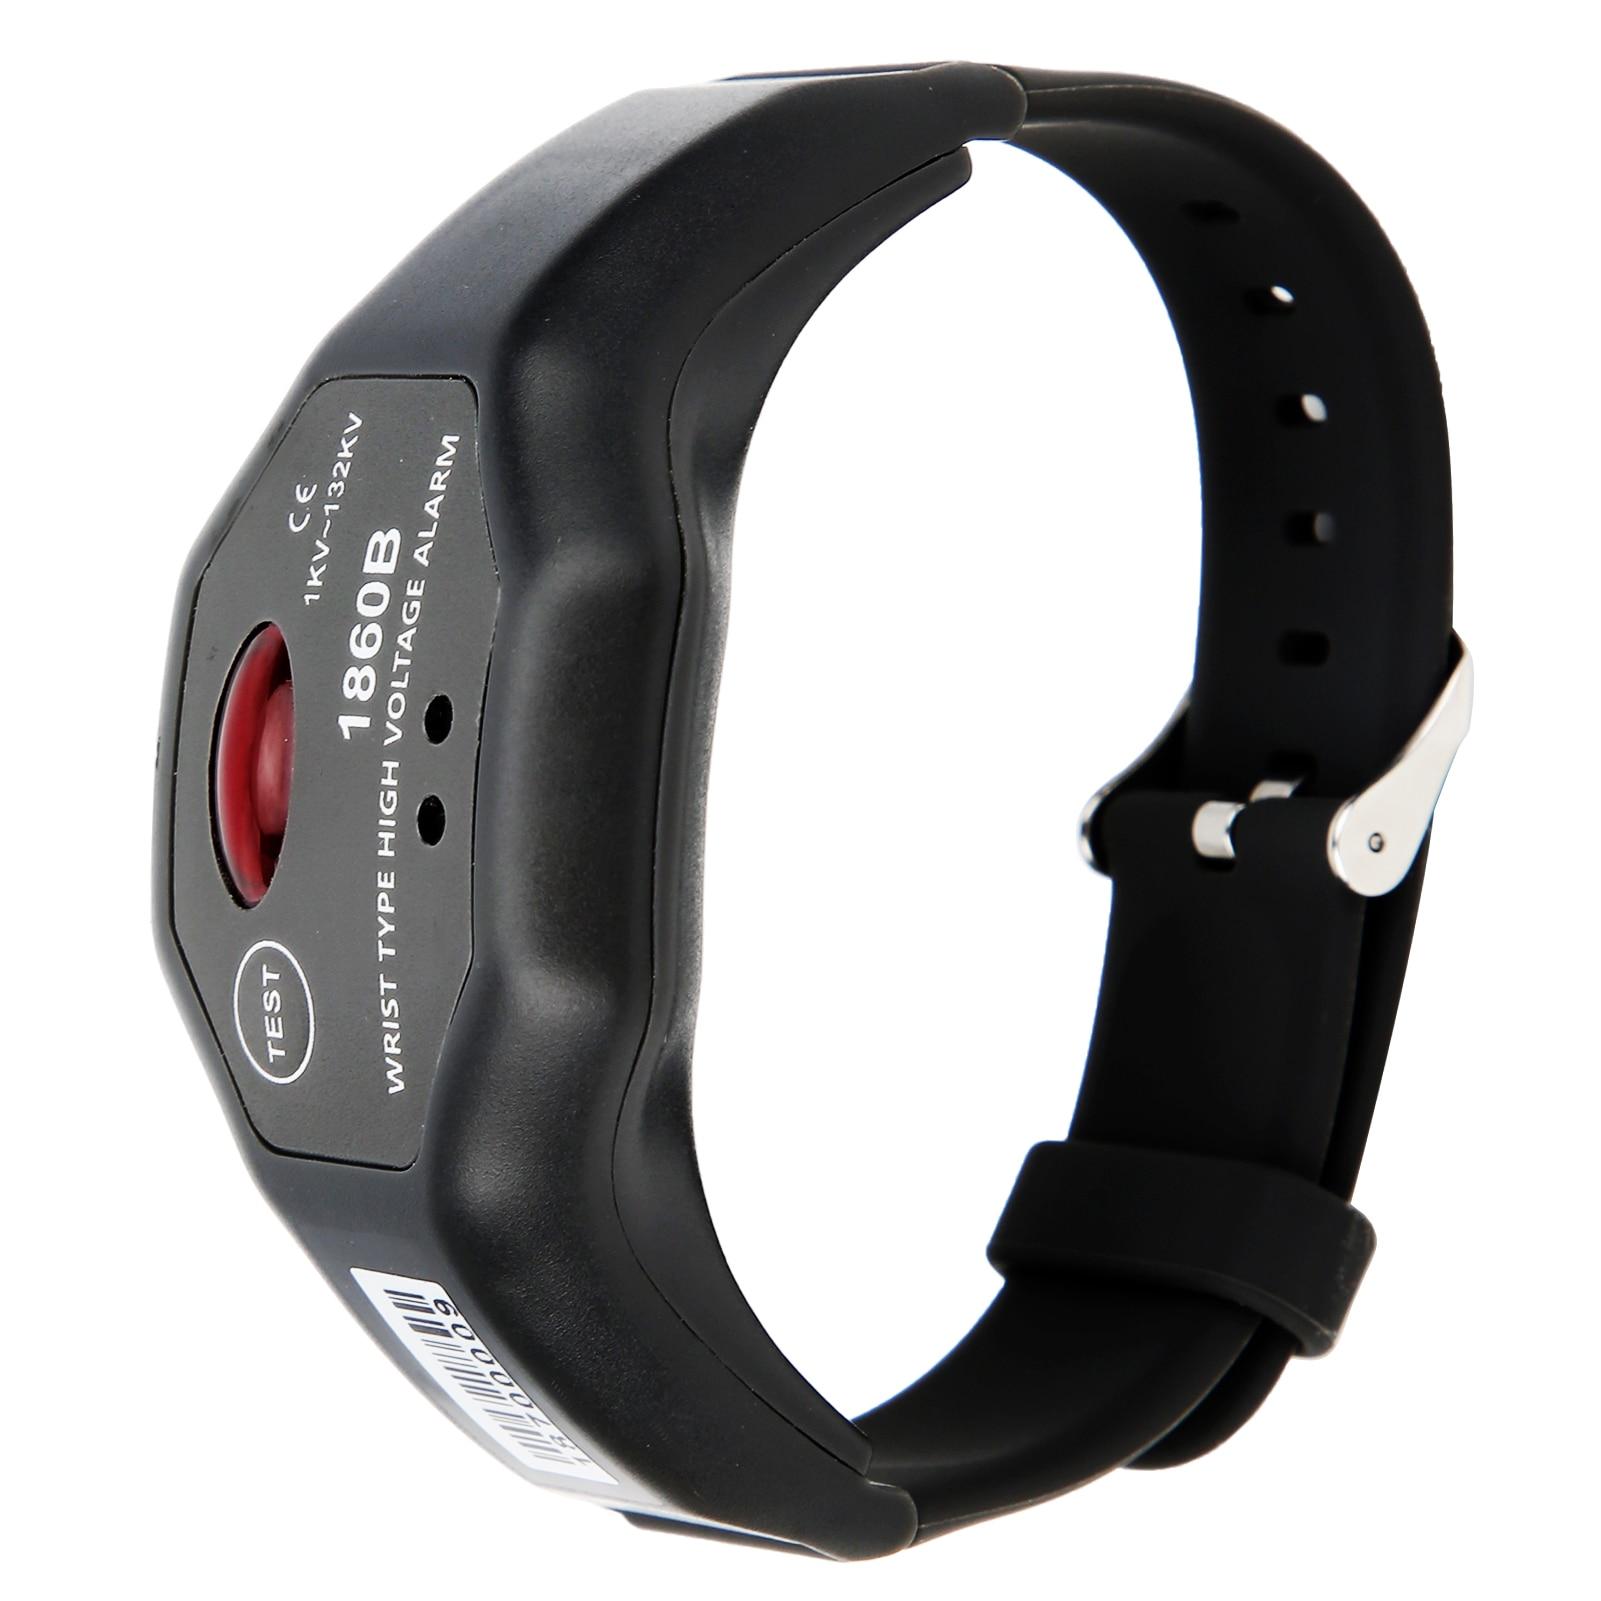 ETCR-1860B 1kv-132kv relógio de pulso detector de alta tensão automático não contact contato detecção de alarme de alta tensão segurança ip54 à prova dwaterproof água